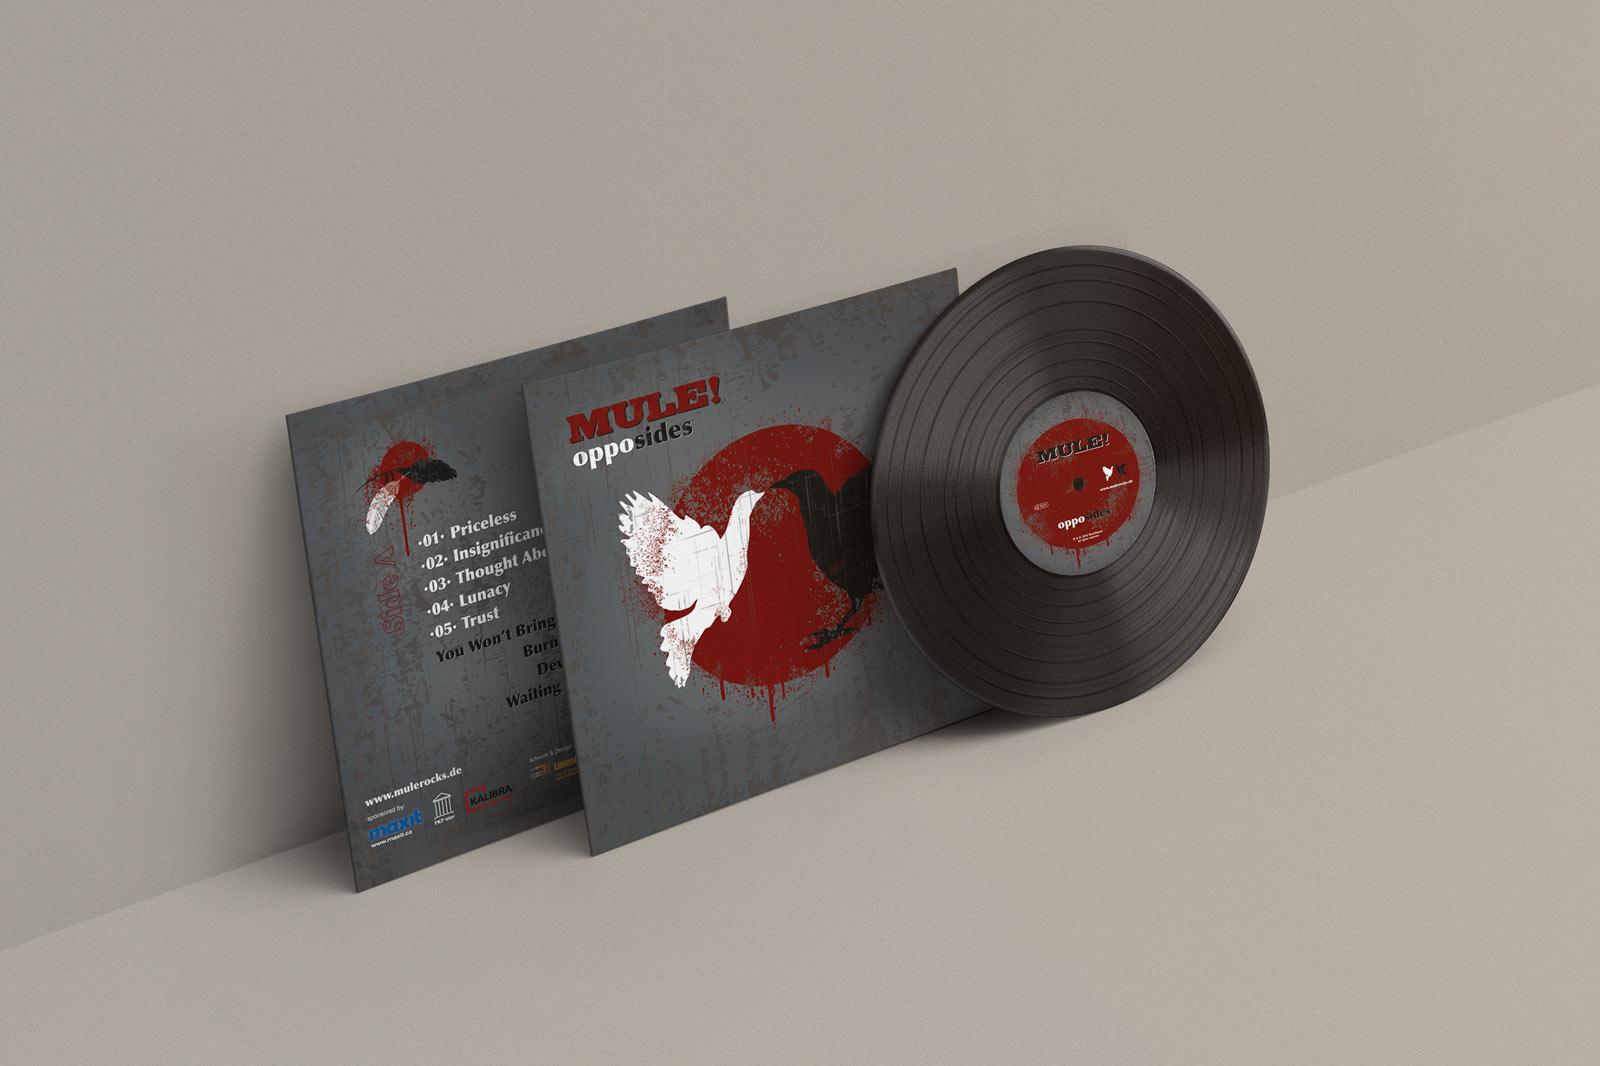 Mule!, opposides, Vinyl Cover, Cover Artwork, Vorder- und Rückseite